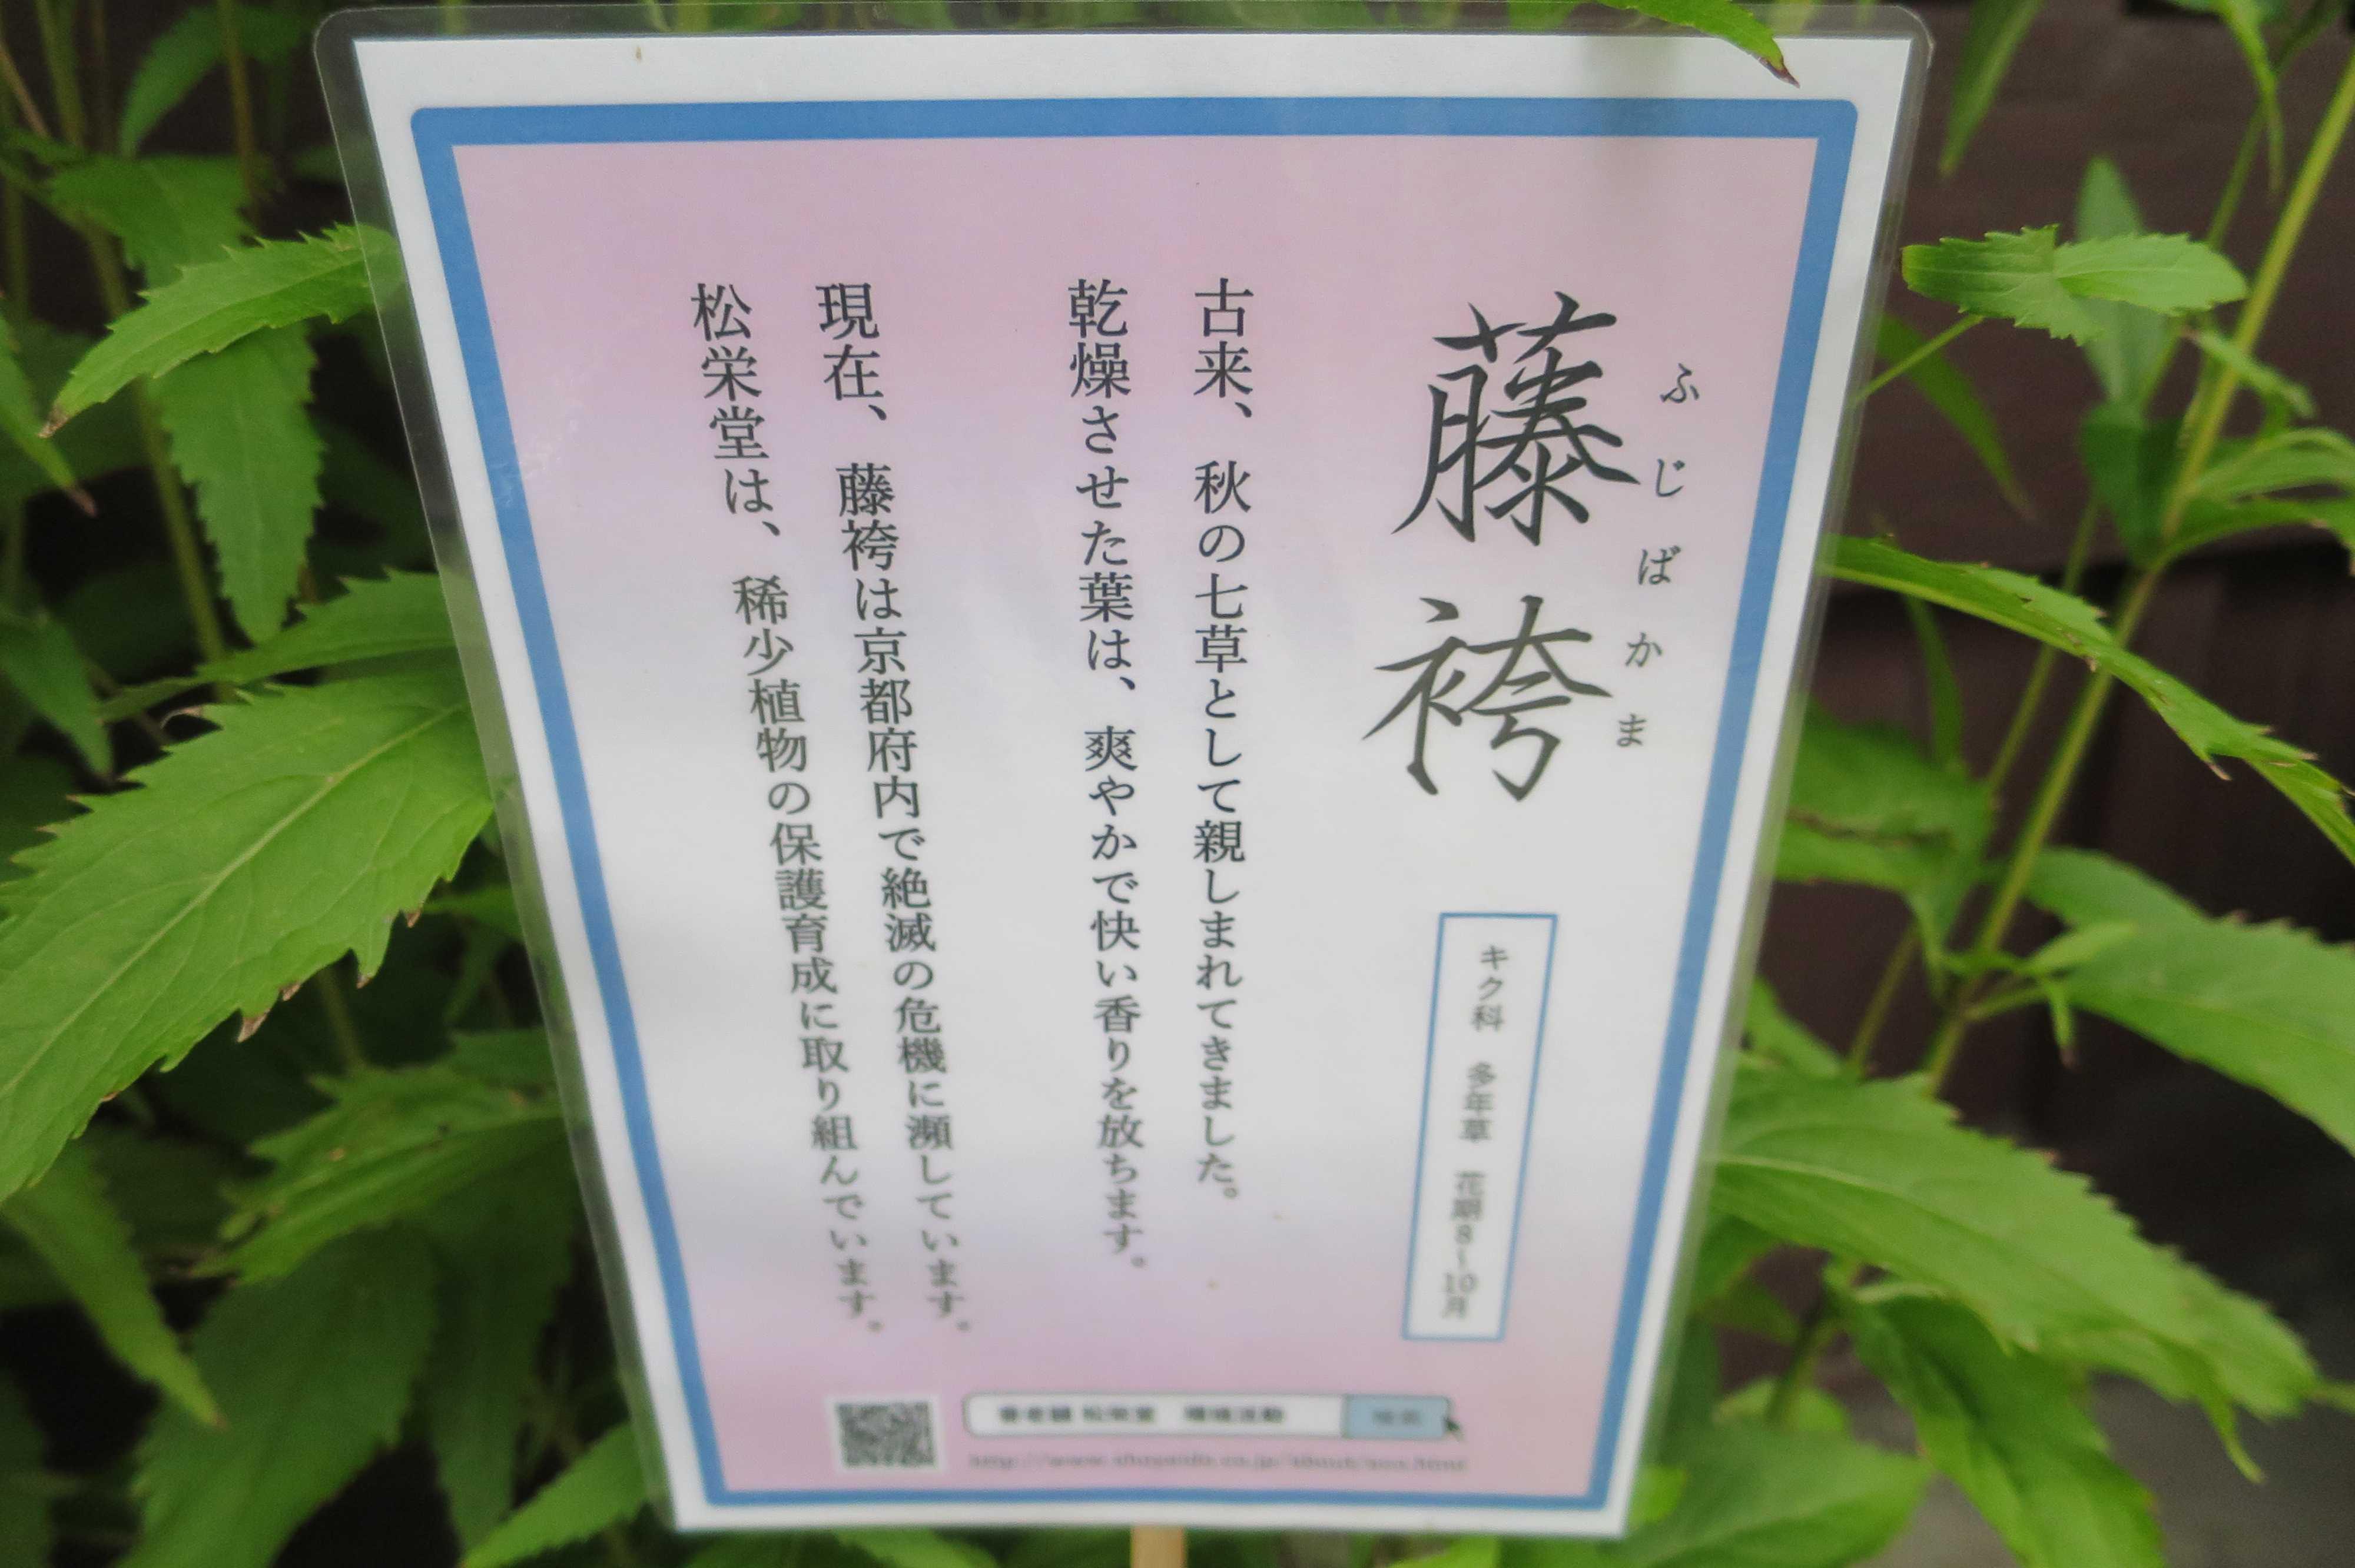 京都府内で絶滅の危機に瀕している「藤袴(ふじばかま)」